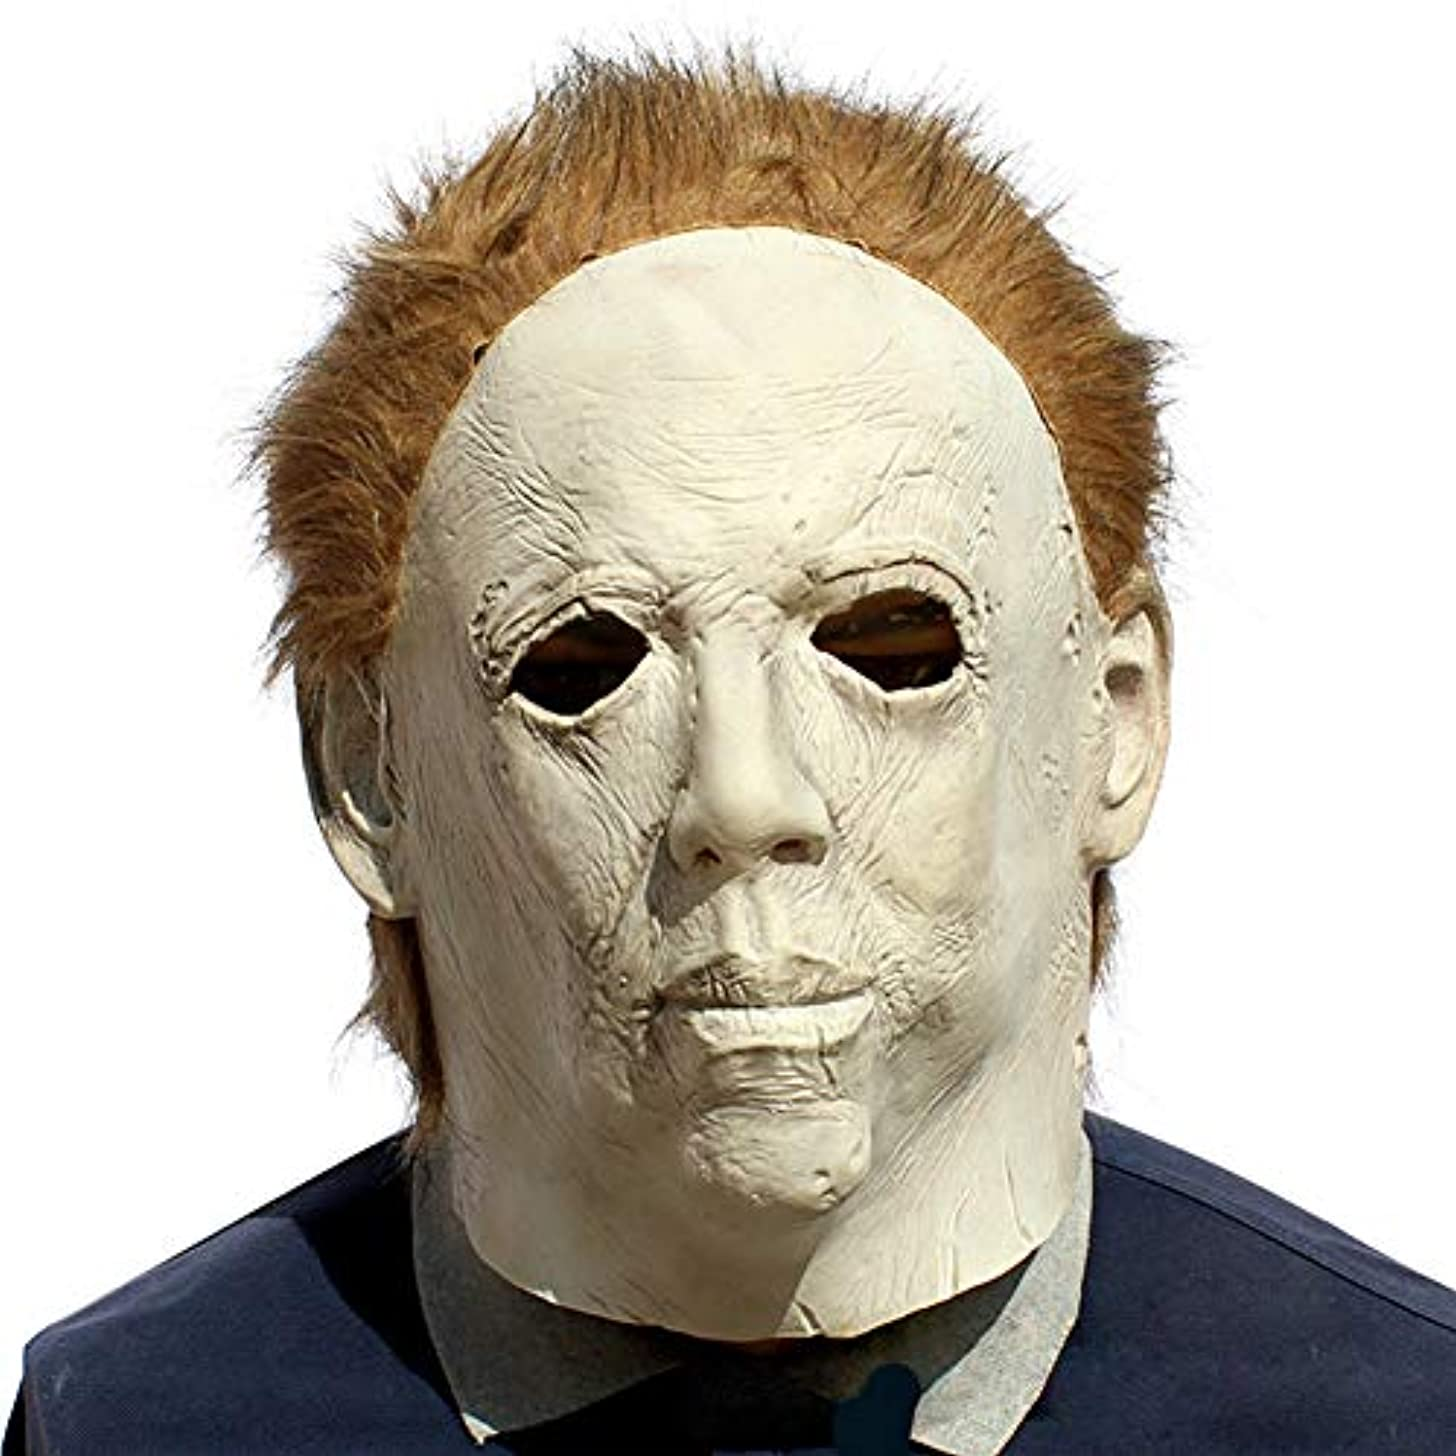 視線無臭等しいハロウィーンマスク、ホラーラテックスマスク、ハロウィーン、テーマパーティー、カーニバル、レイブパーティー、バー、小道具、映画。